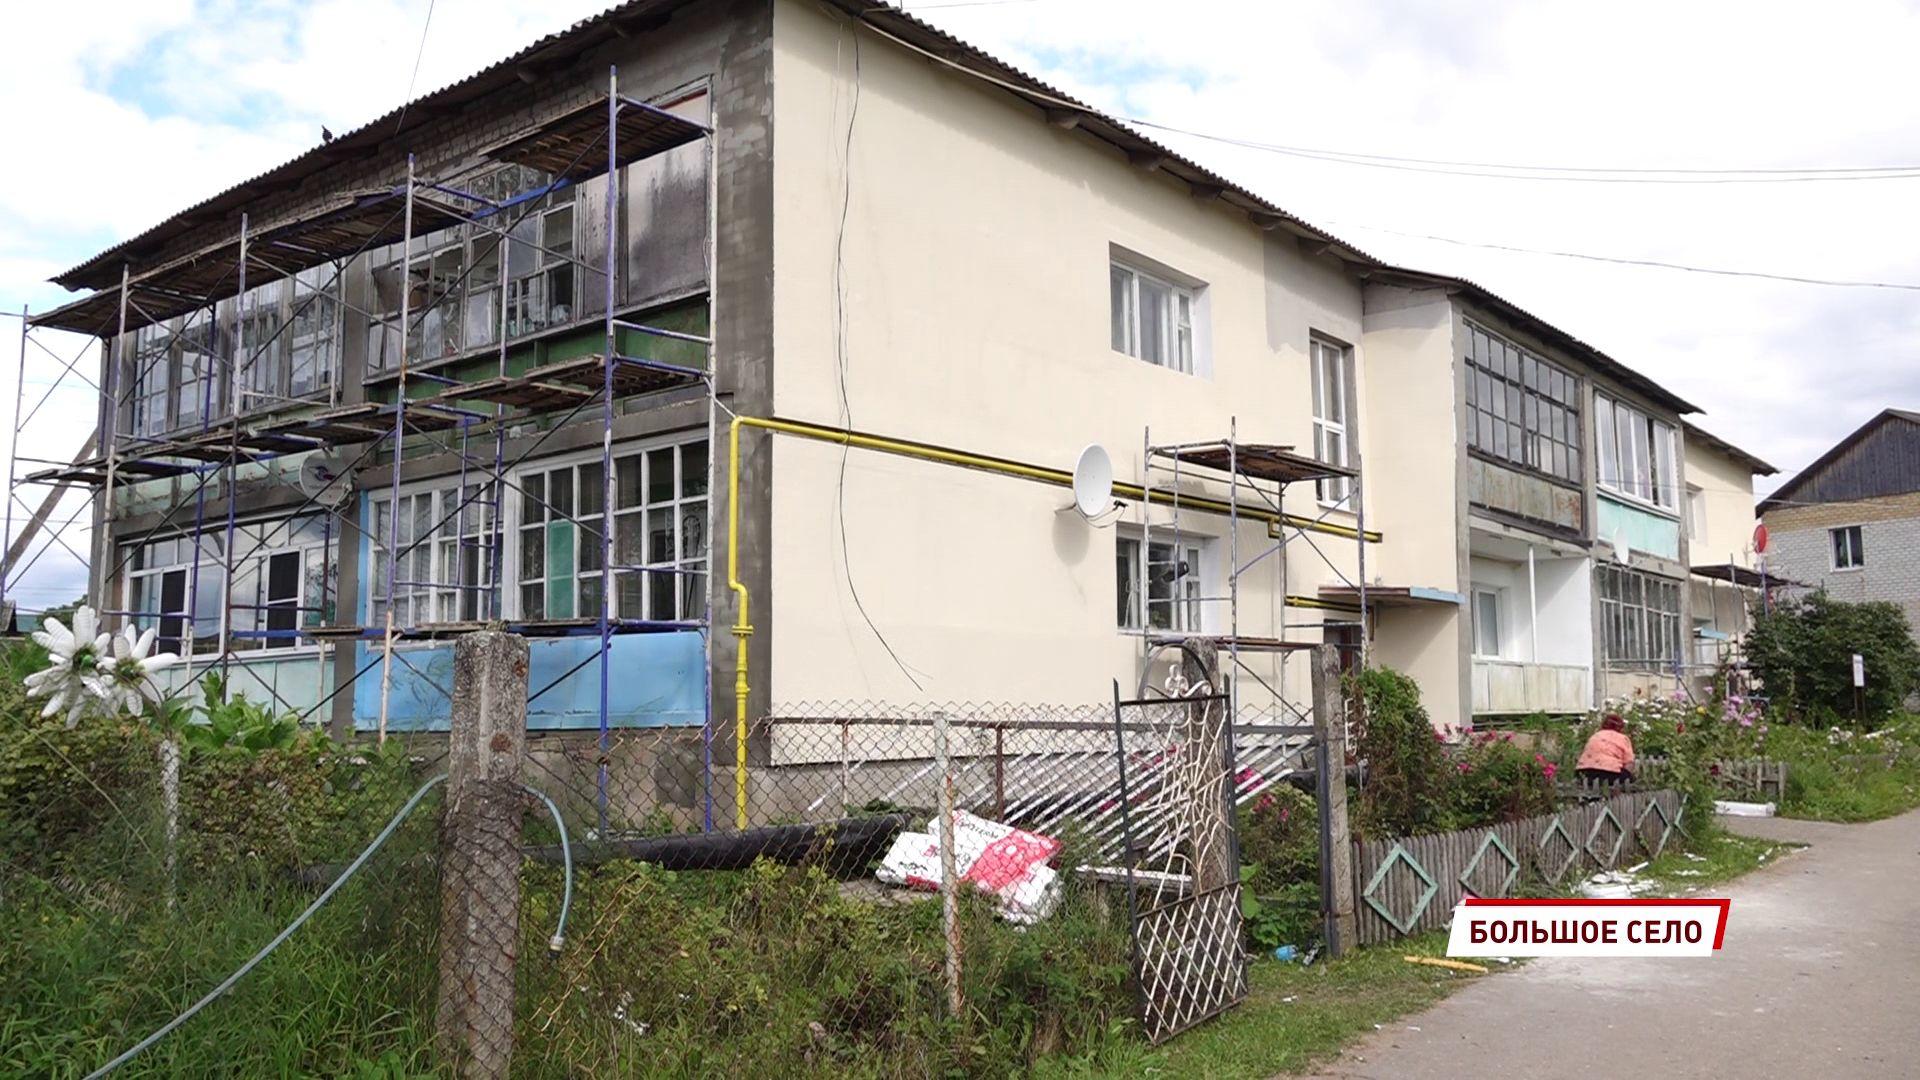 В Большом Селе делают капремонт в 35-летнем доме